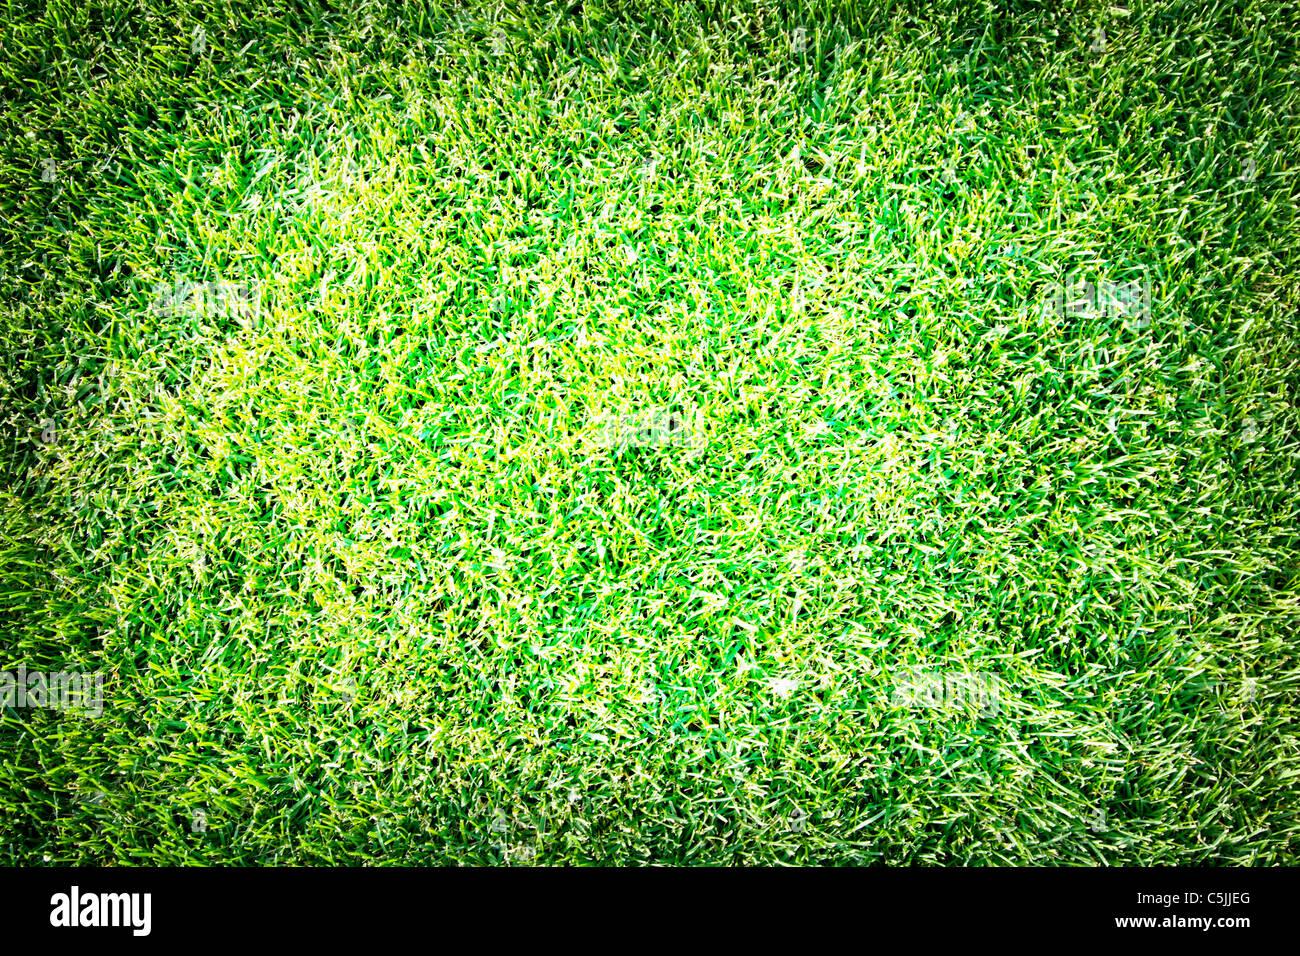 Primer plano de primavera fresca geen hierba. Imagen De Stock